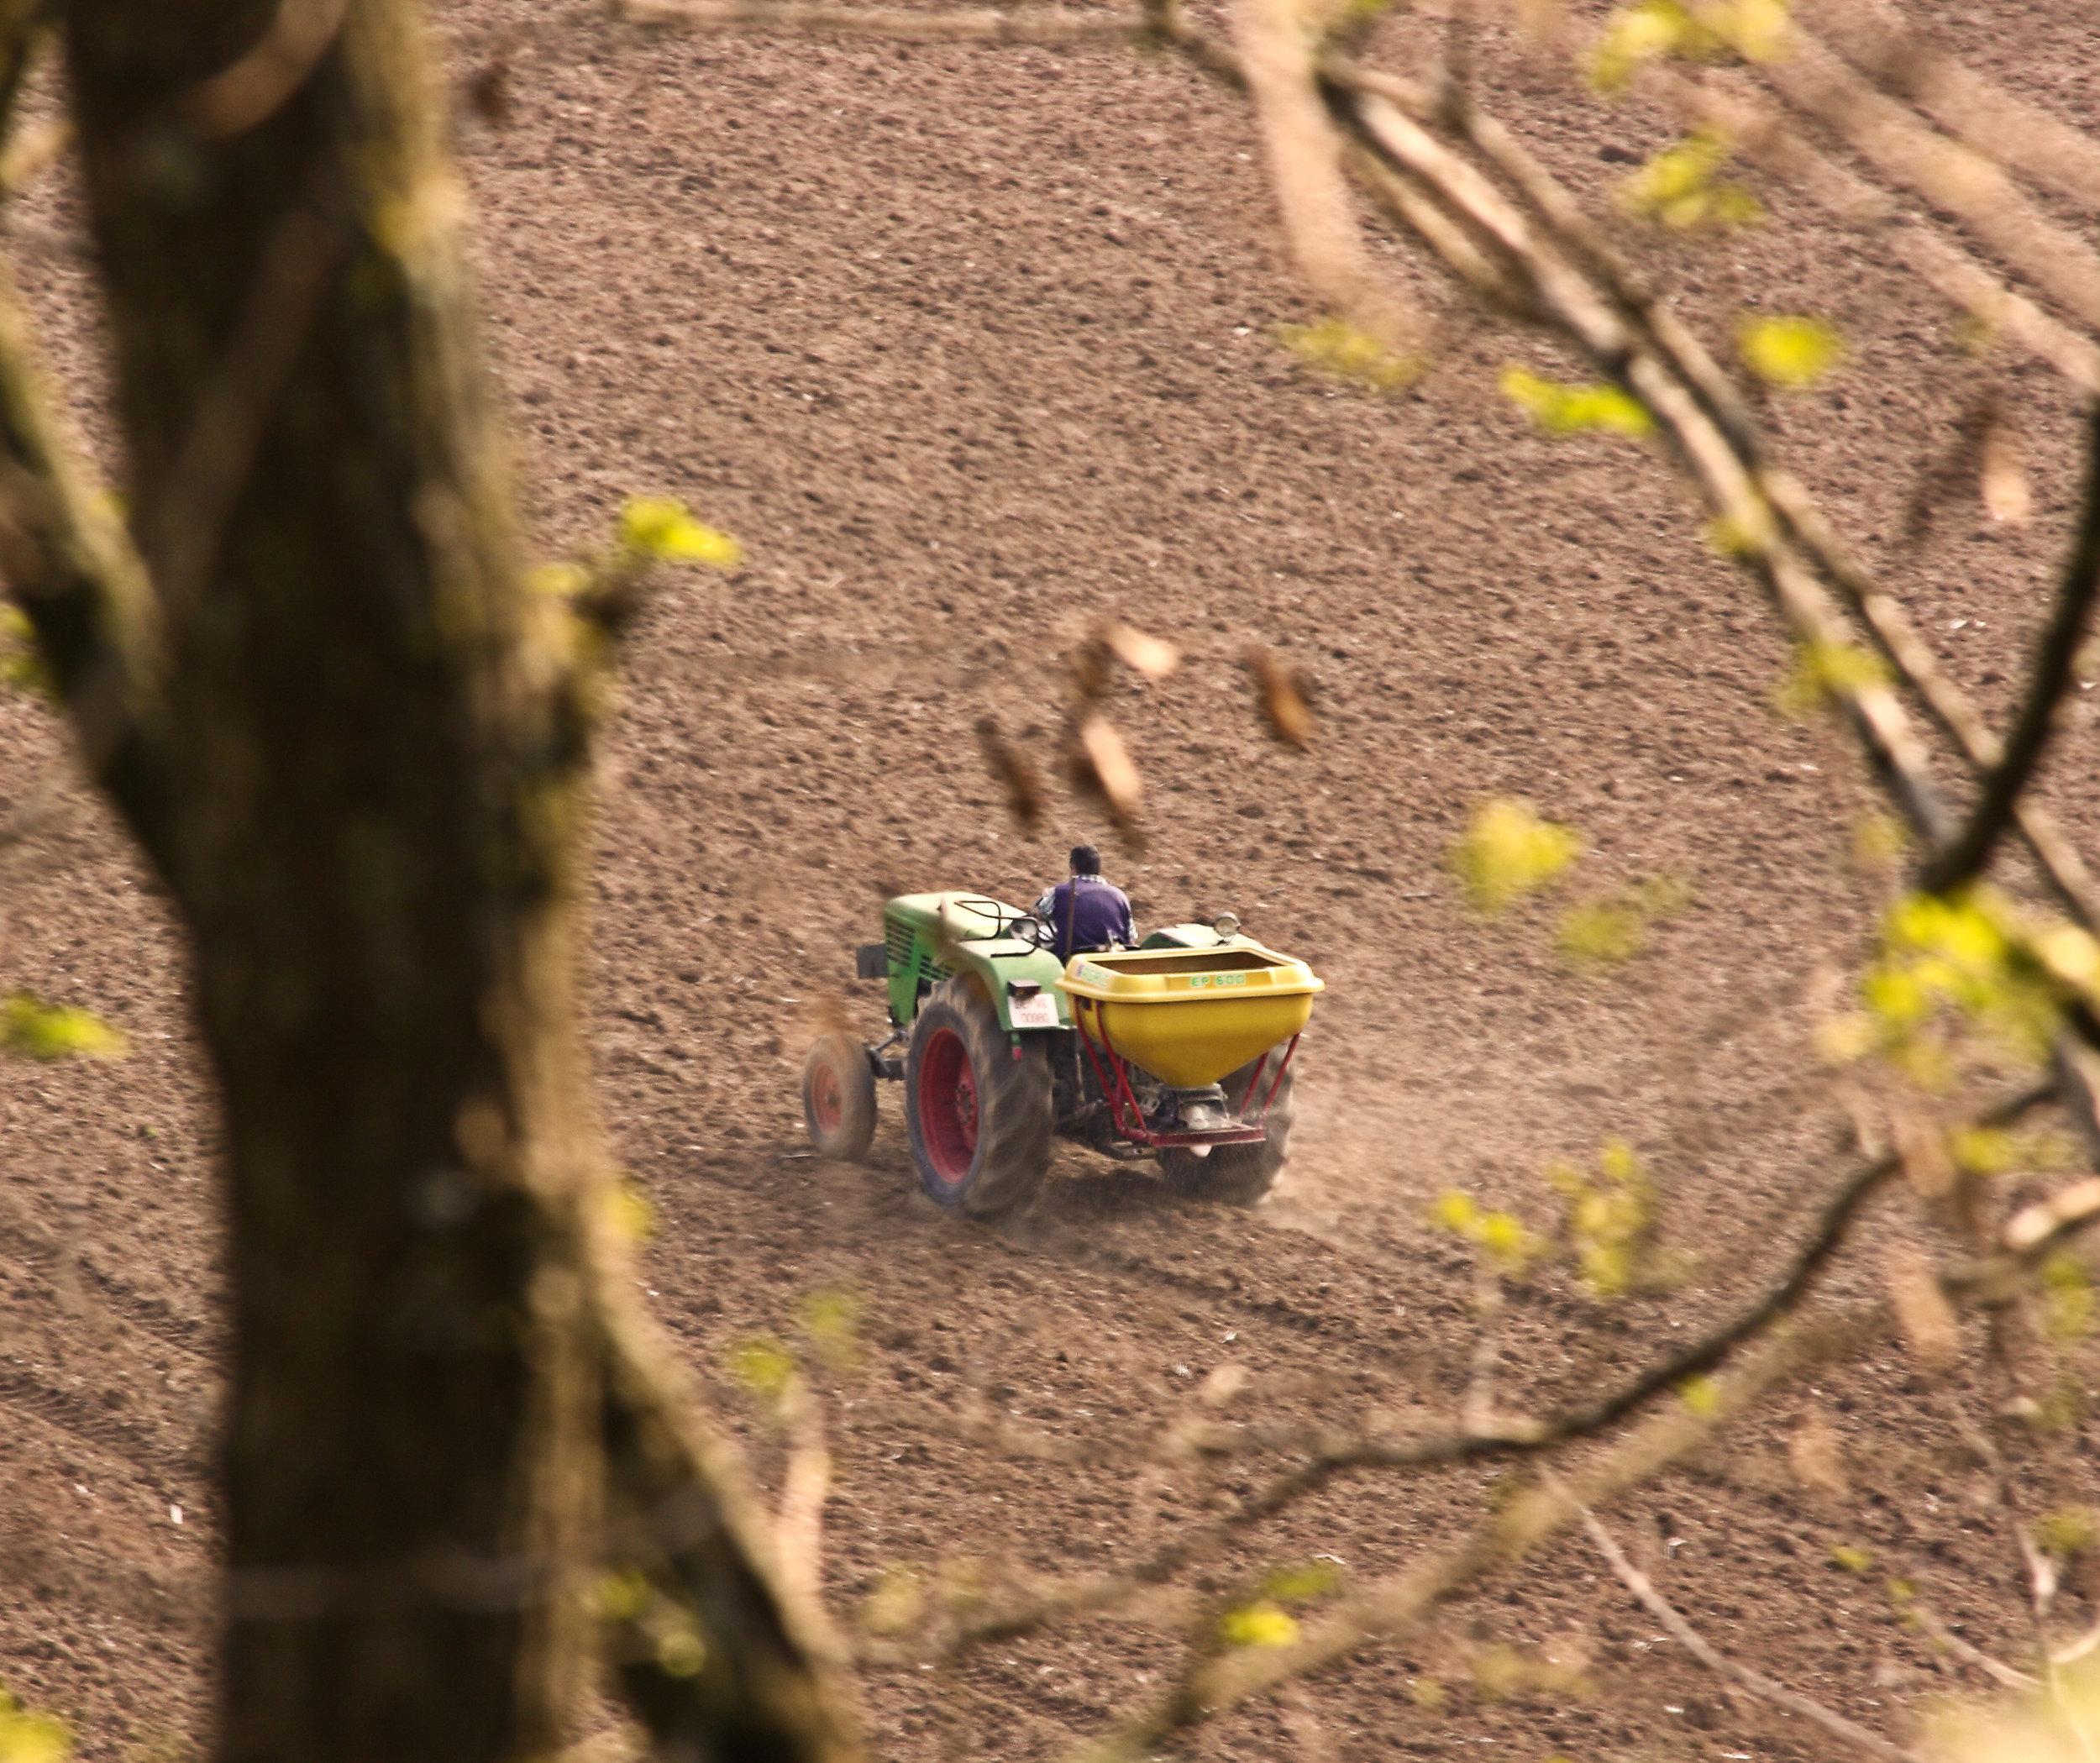 farmer-on-a-tractor_f1tm-SDu.jpg